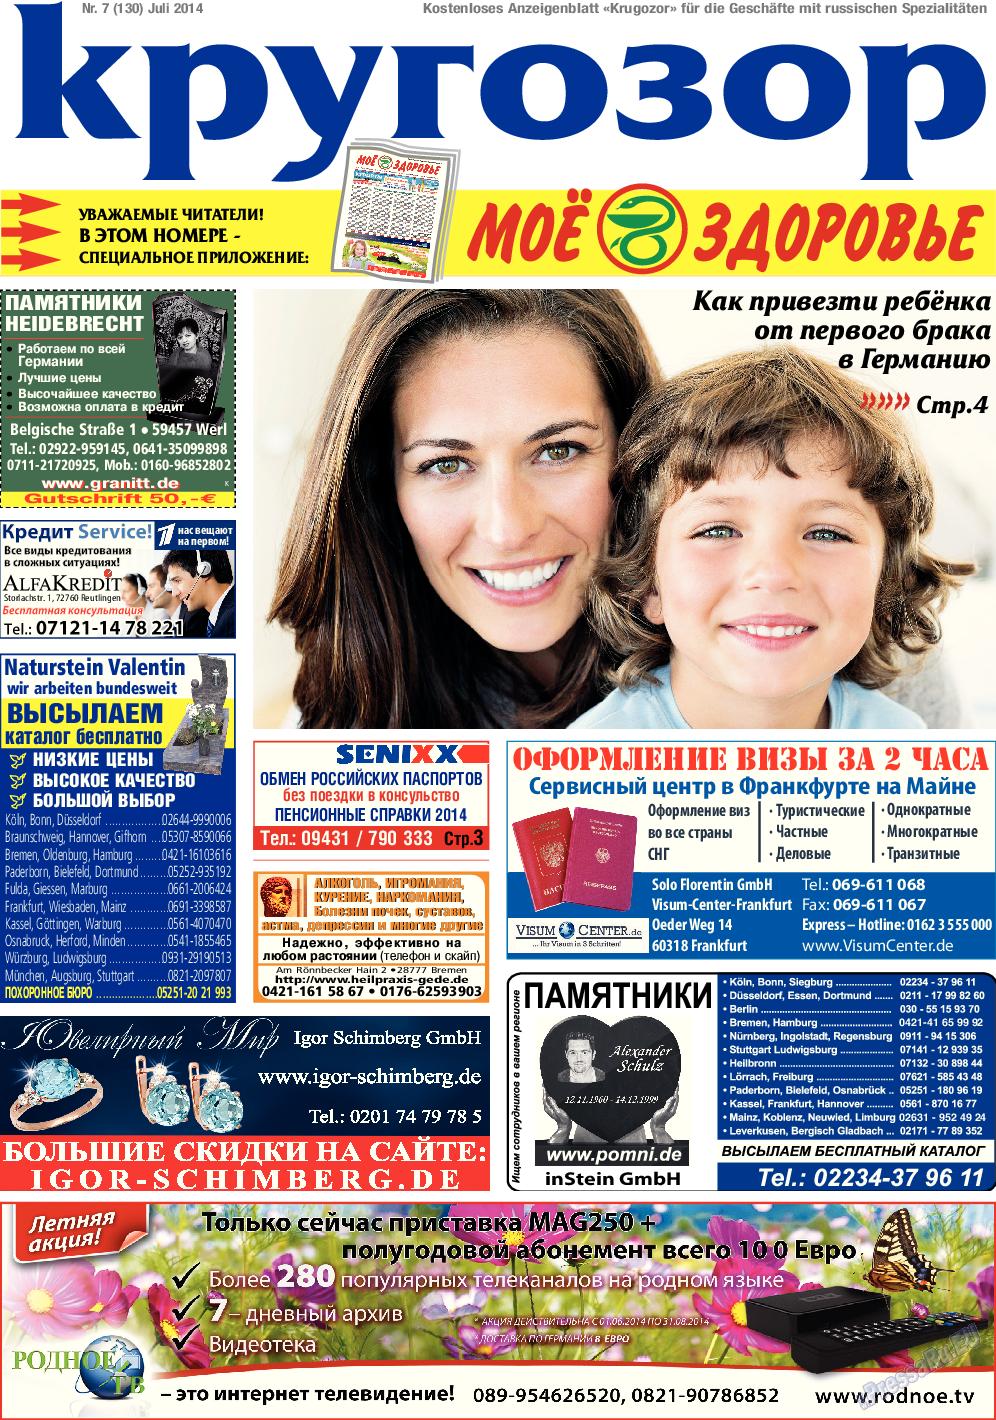 Кругозор (газета). 2014 год, номер 7, стр. 1